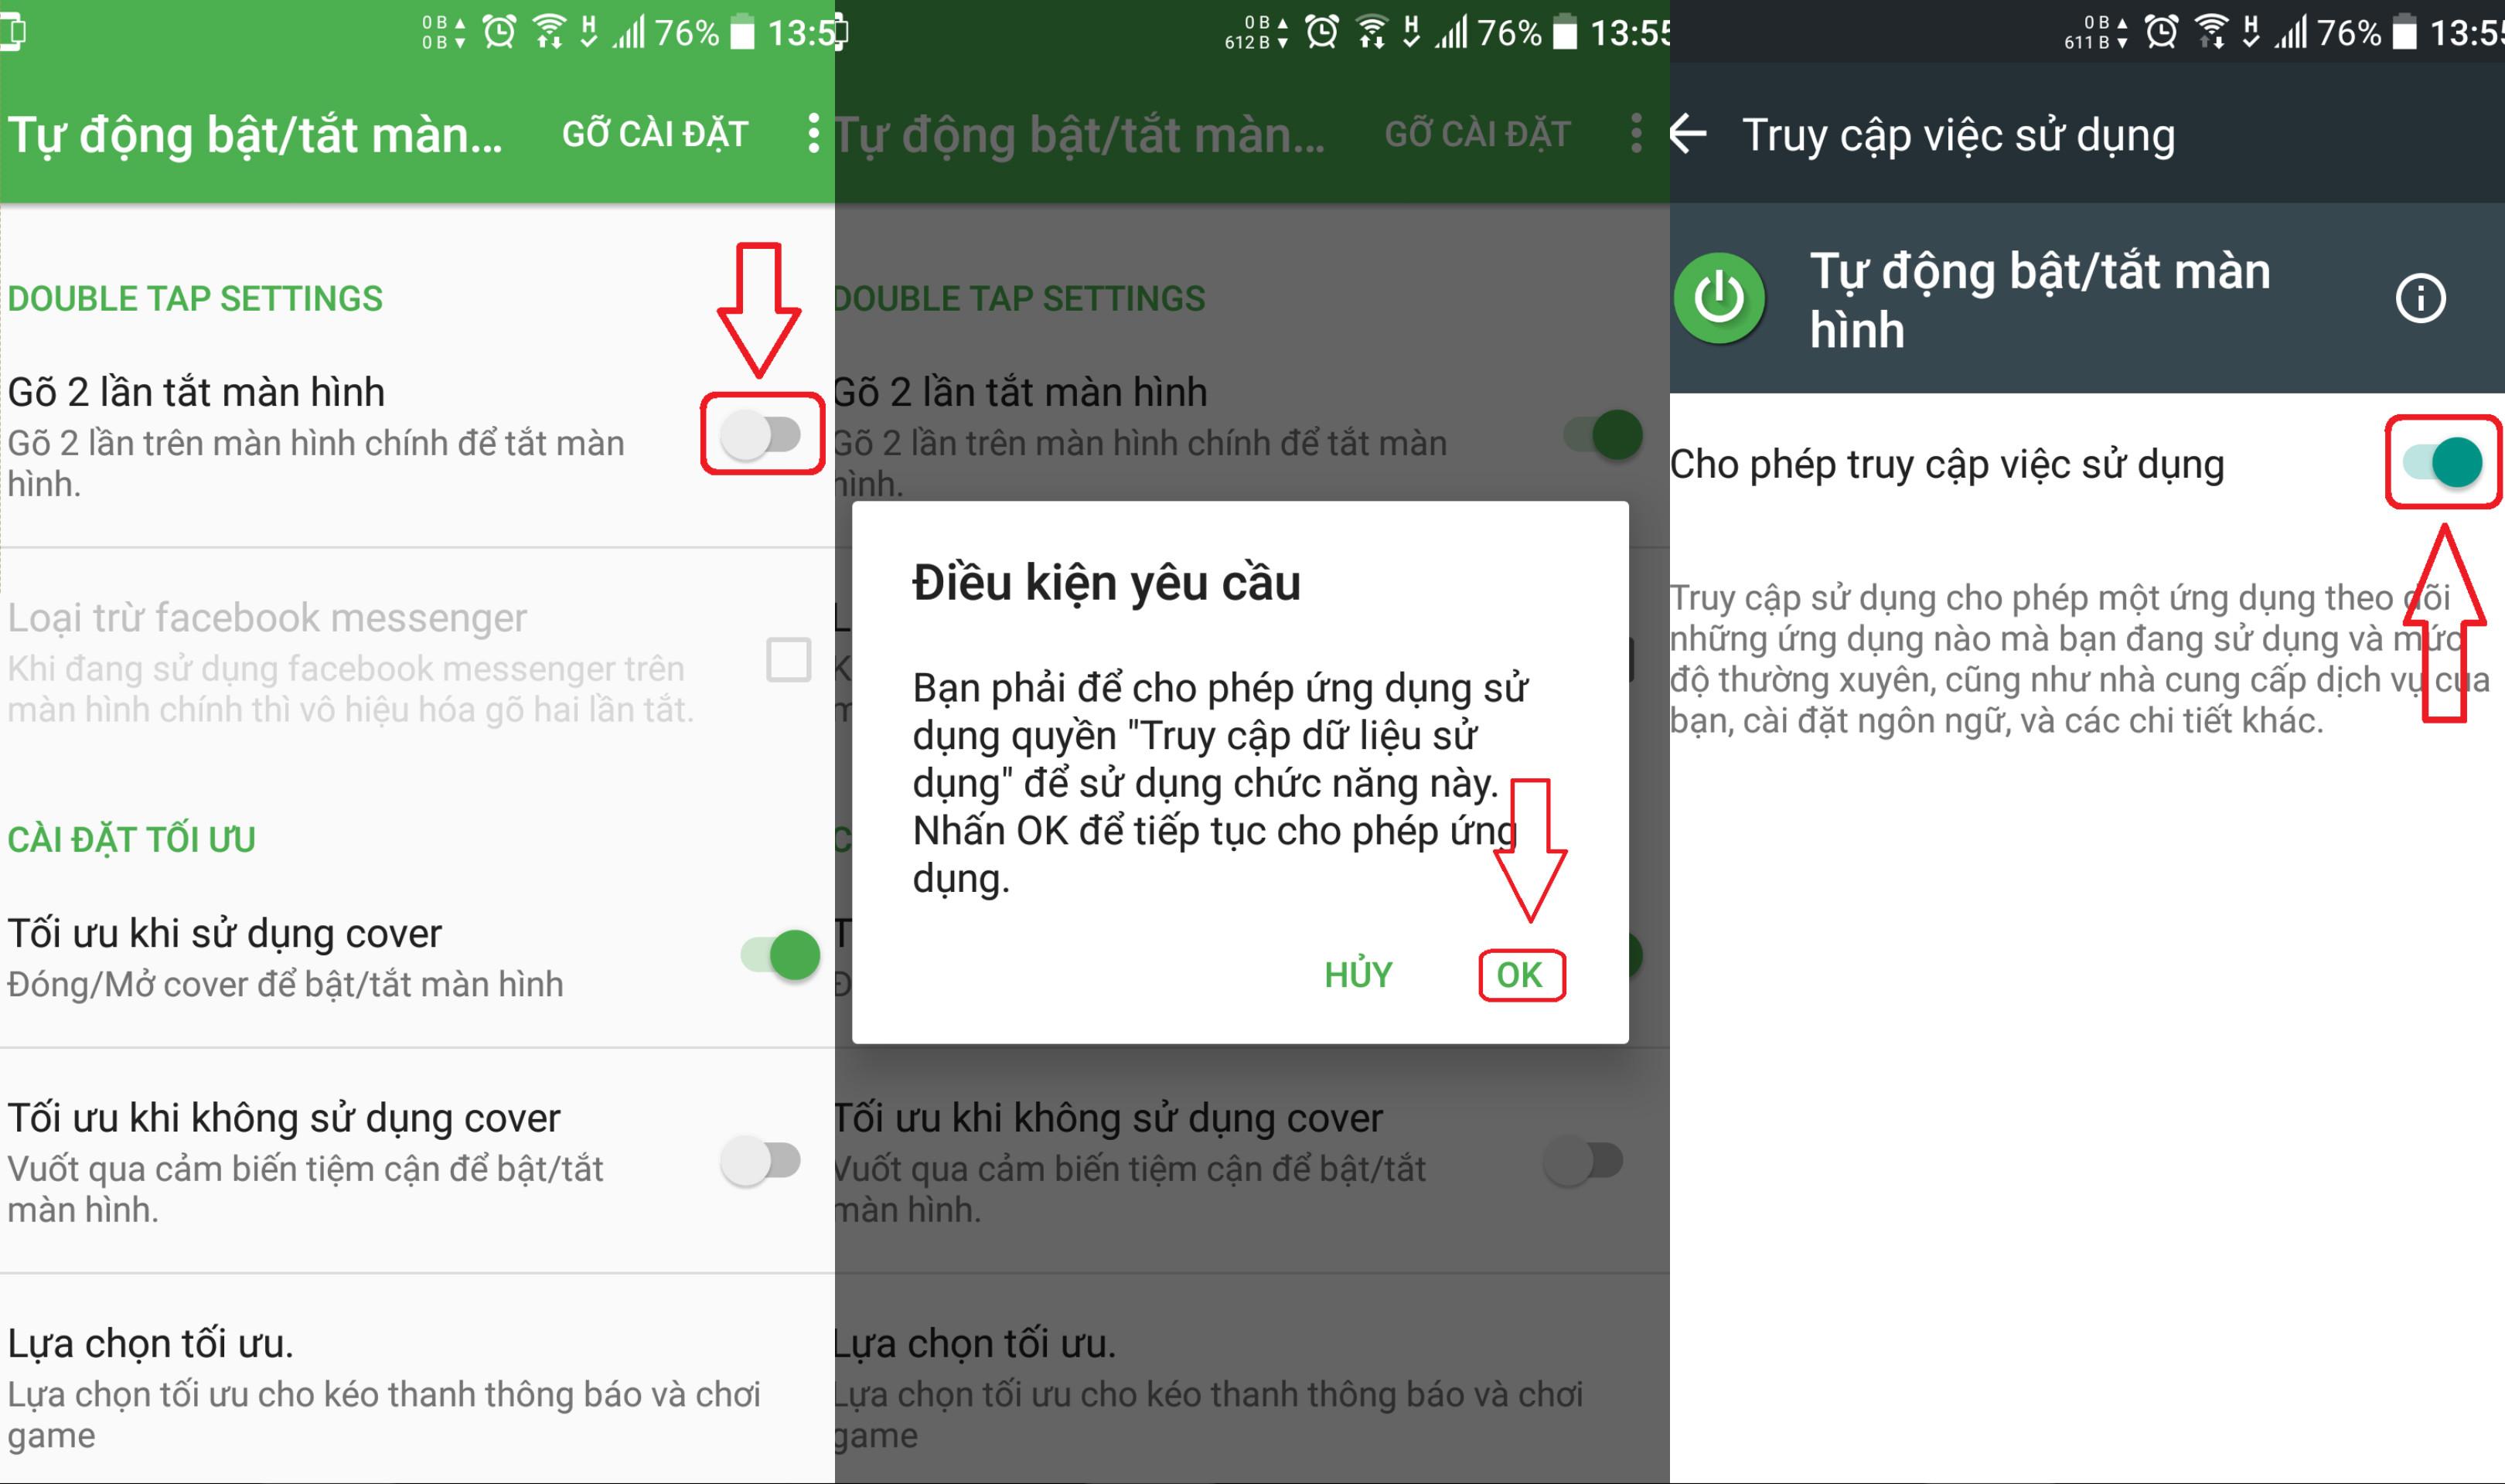 Mở khóa thiết bị Android bằng cảm biến